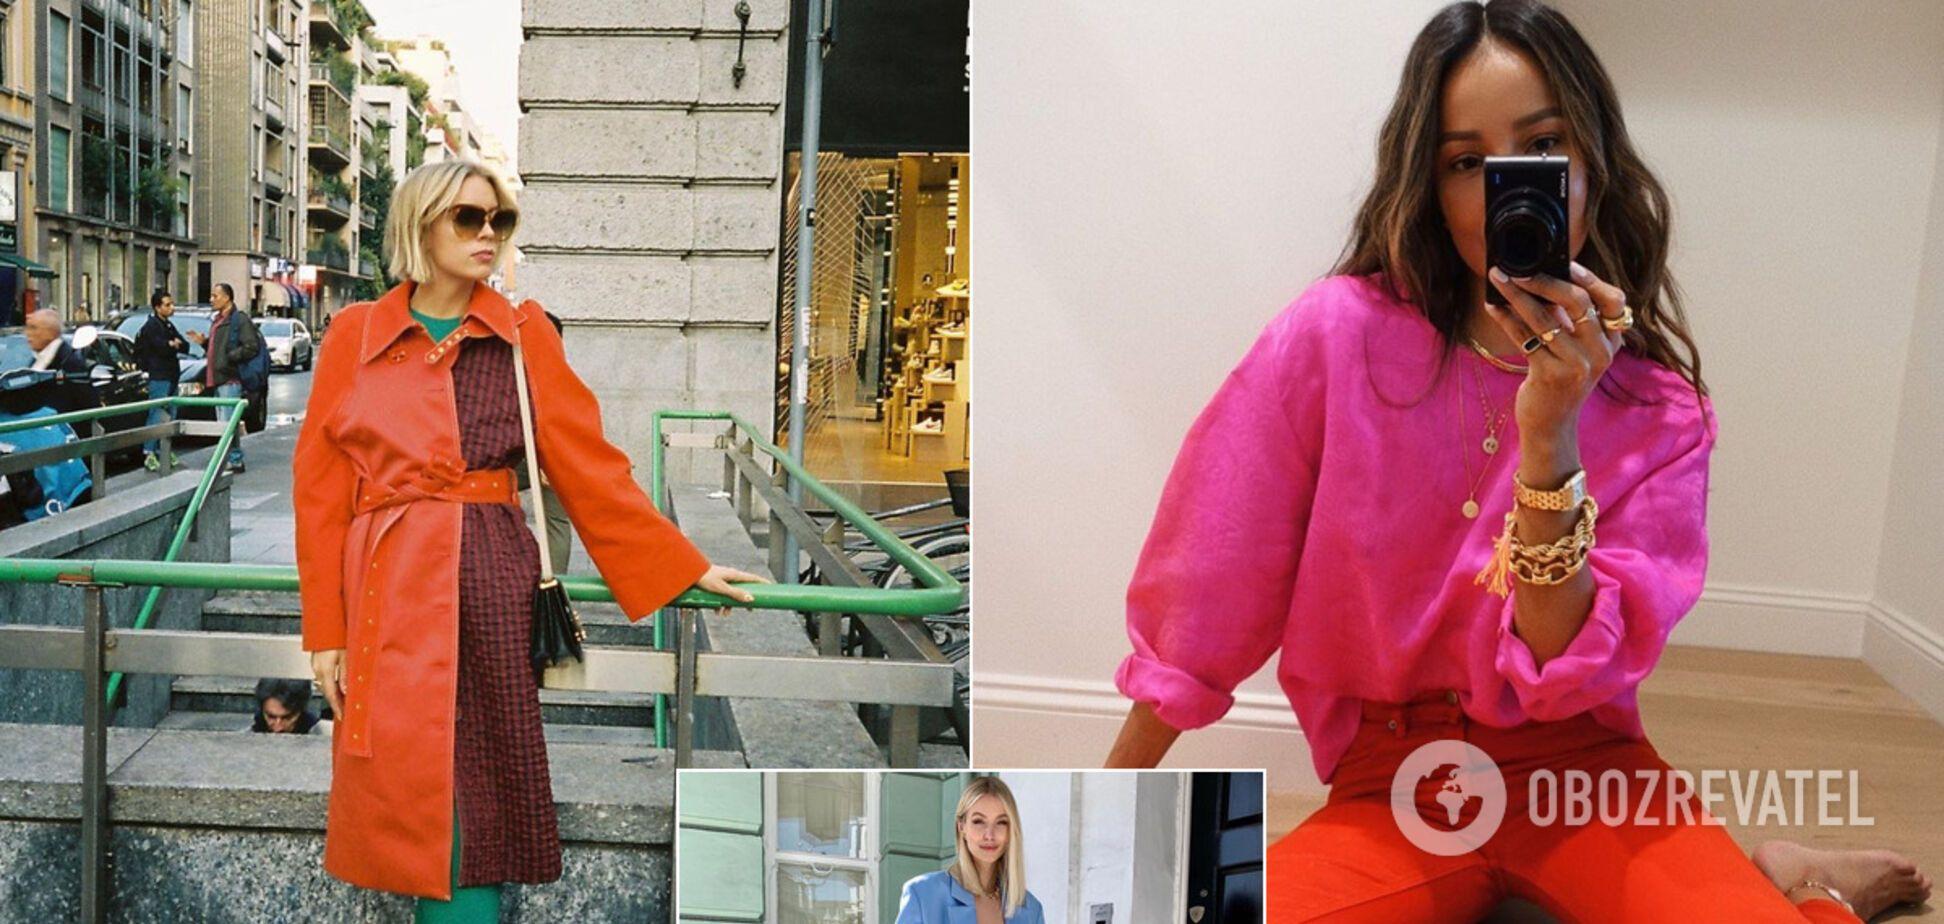 Наймодніші кольори 2020 року: як бути стильною